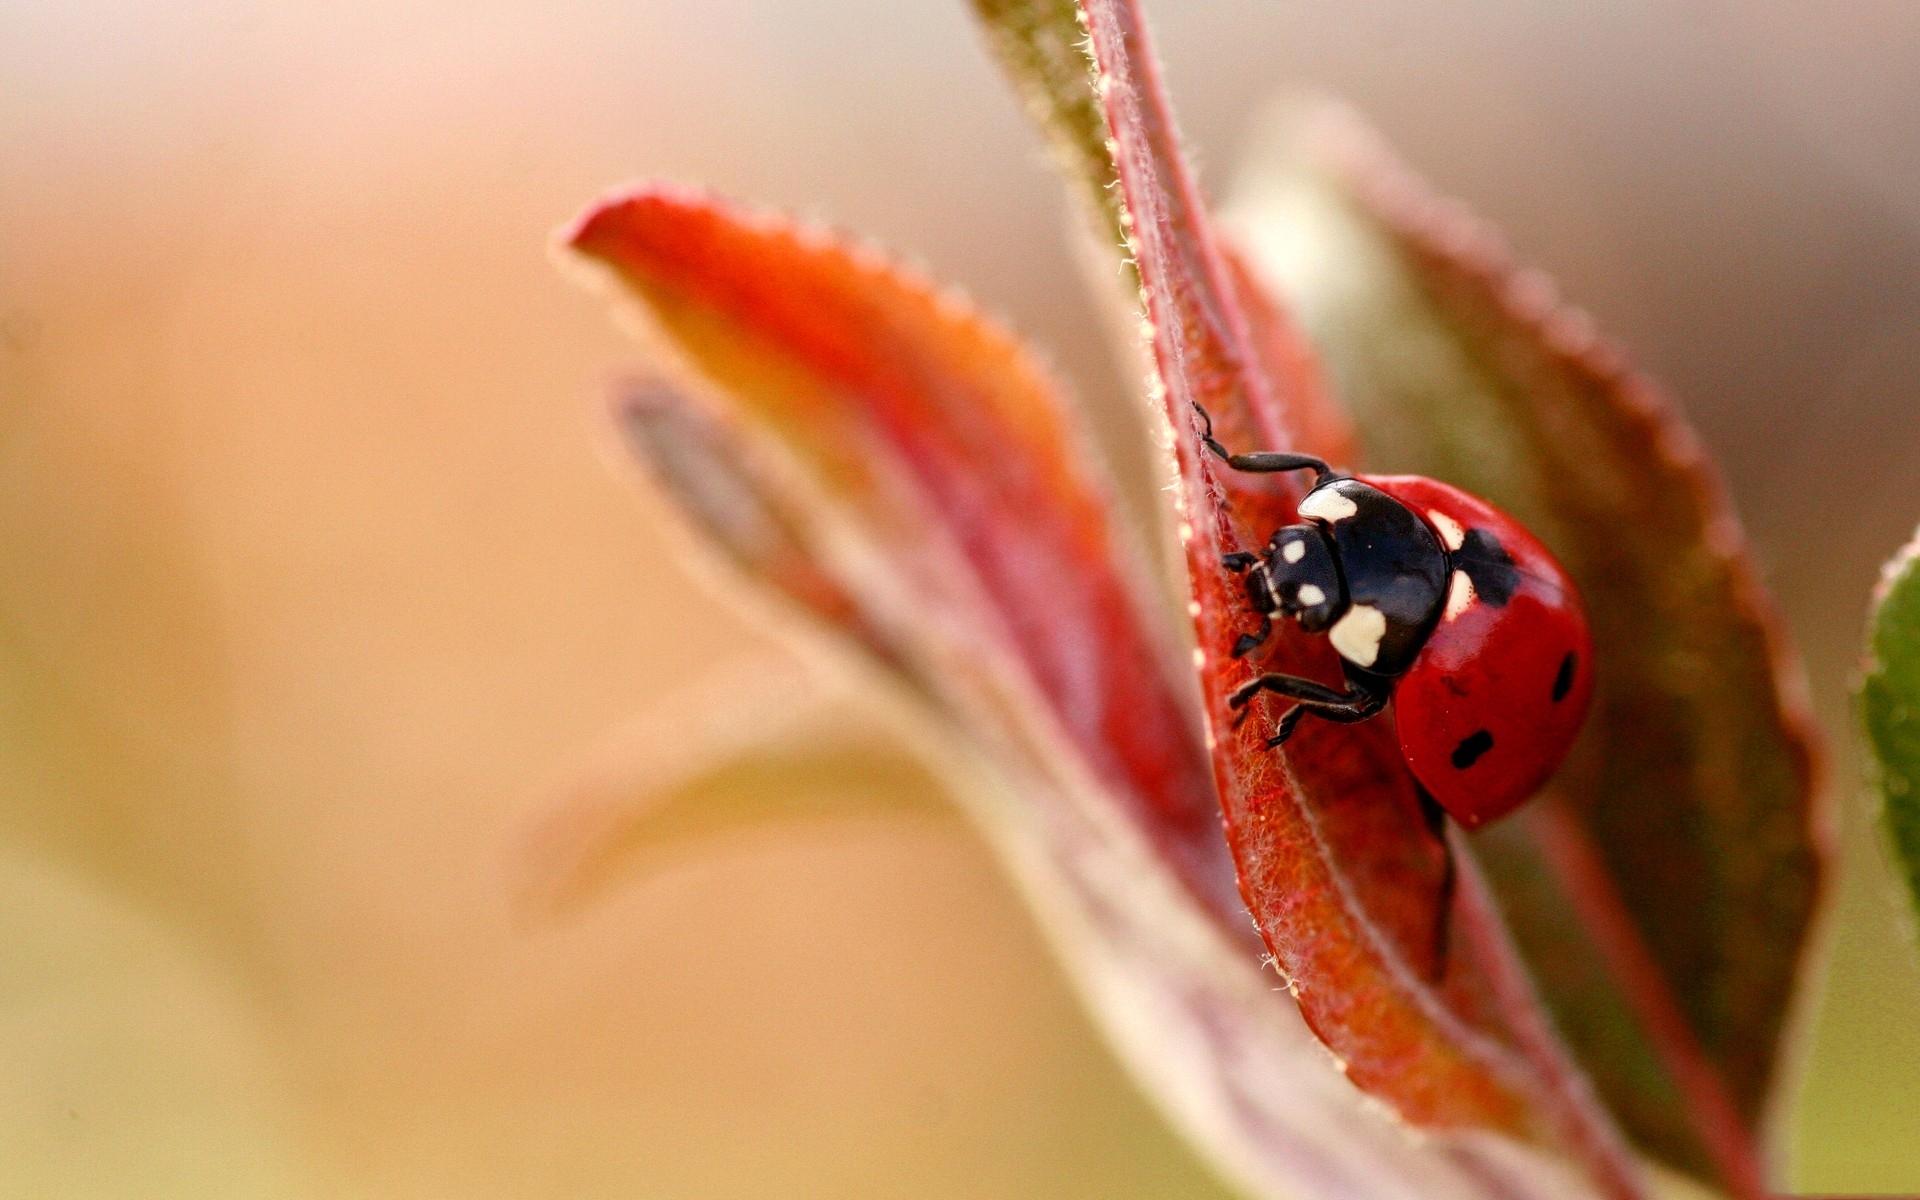 природа насекомое божья коровка цветок  № 3008127 бесплатно